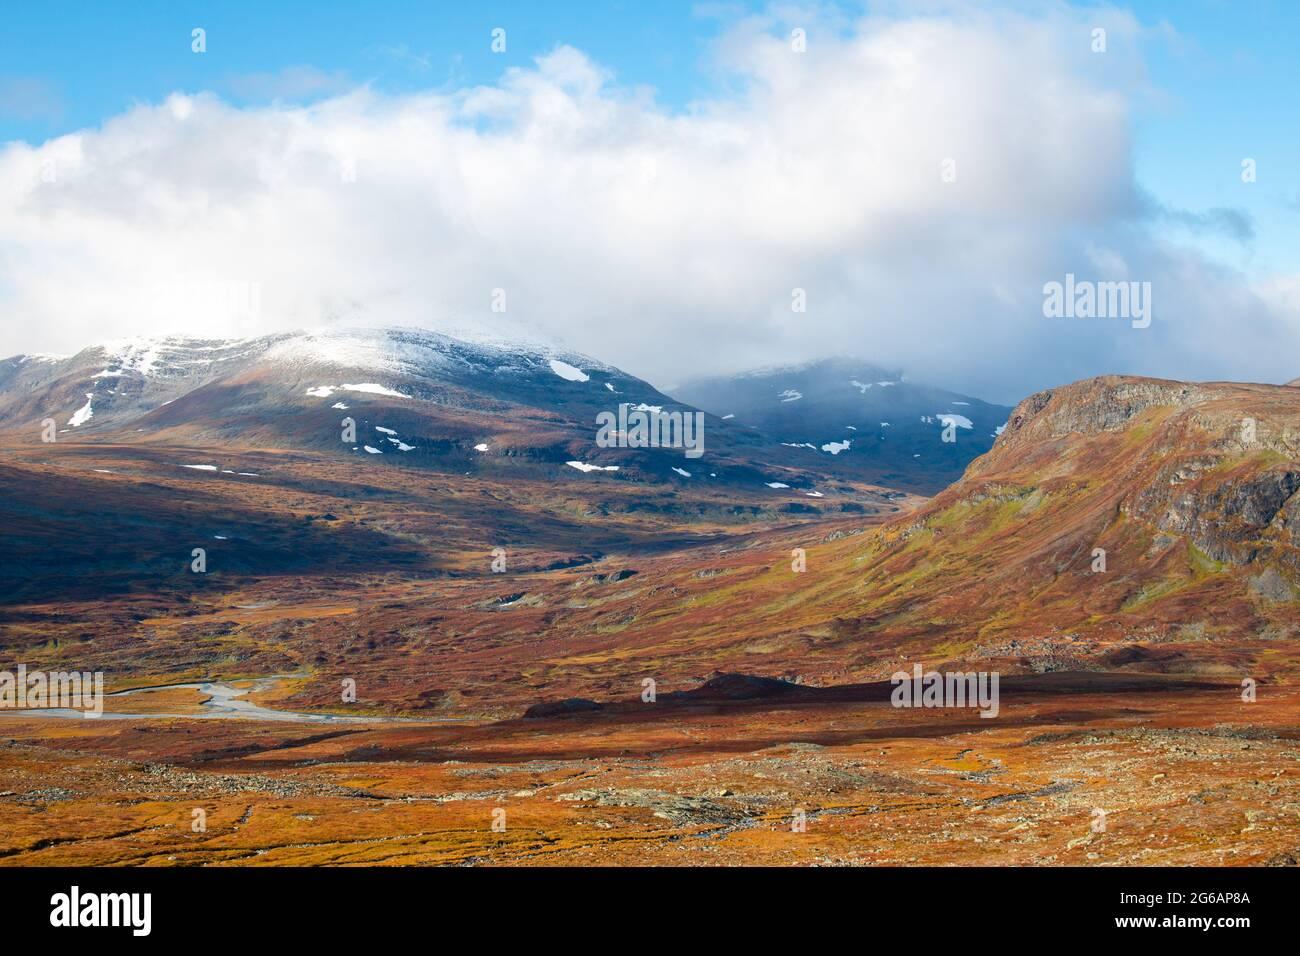 Montagnes autour de la piste de Kungsleden sur un raccourci entre Salka et Kebnekaise, Laponie suédoise, mi-septembre 2020 Banque D'Images